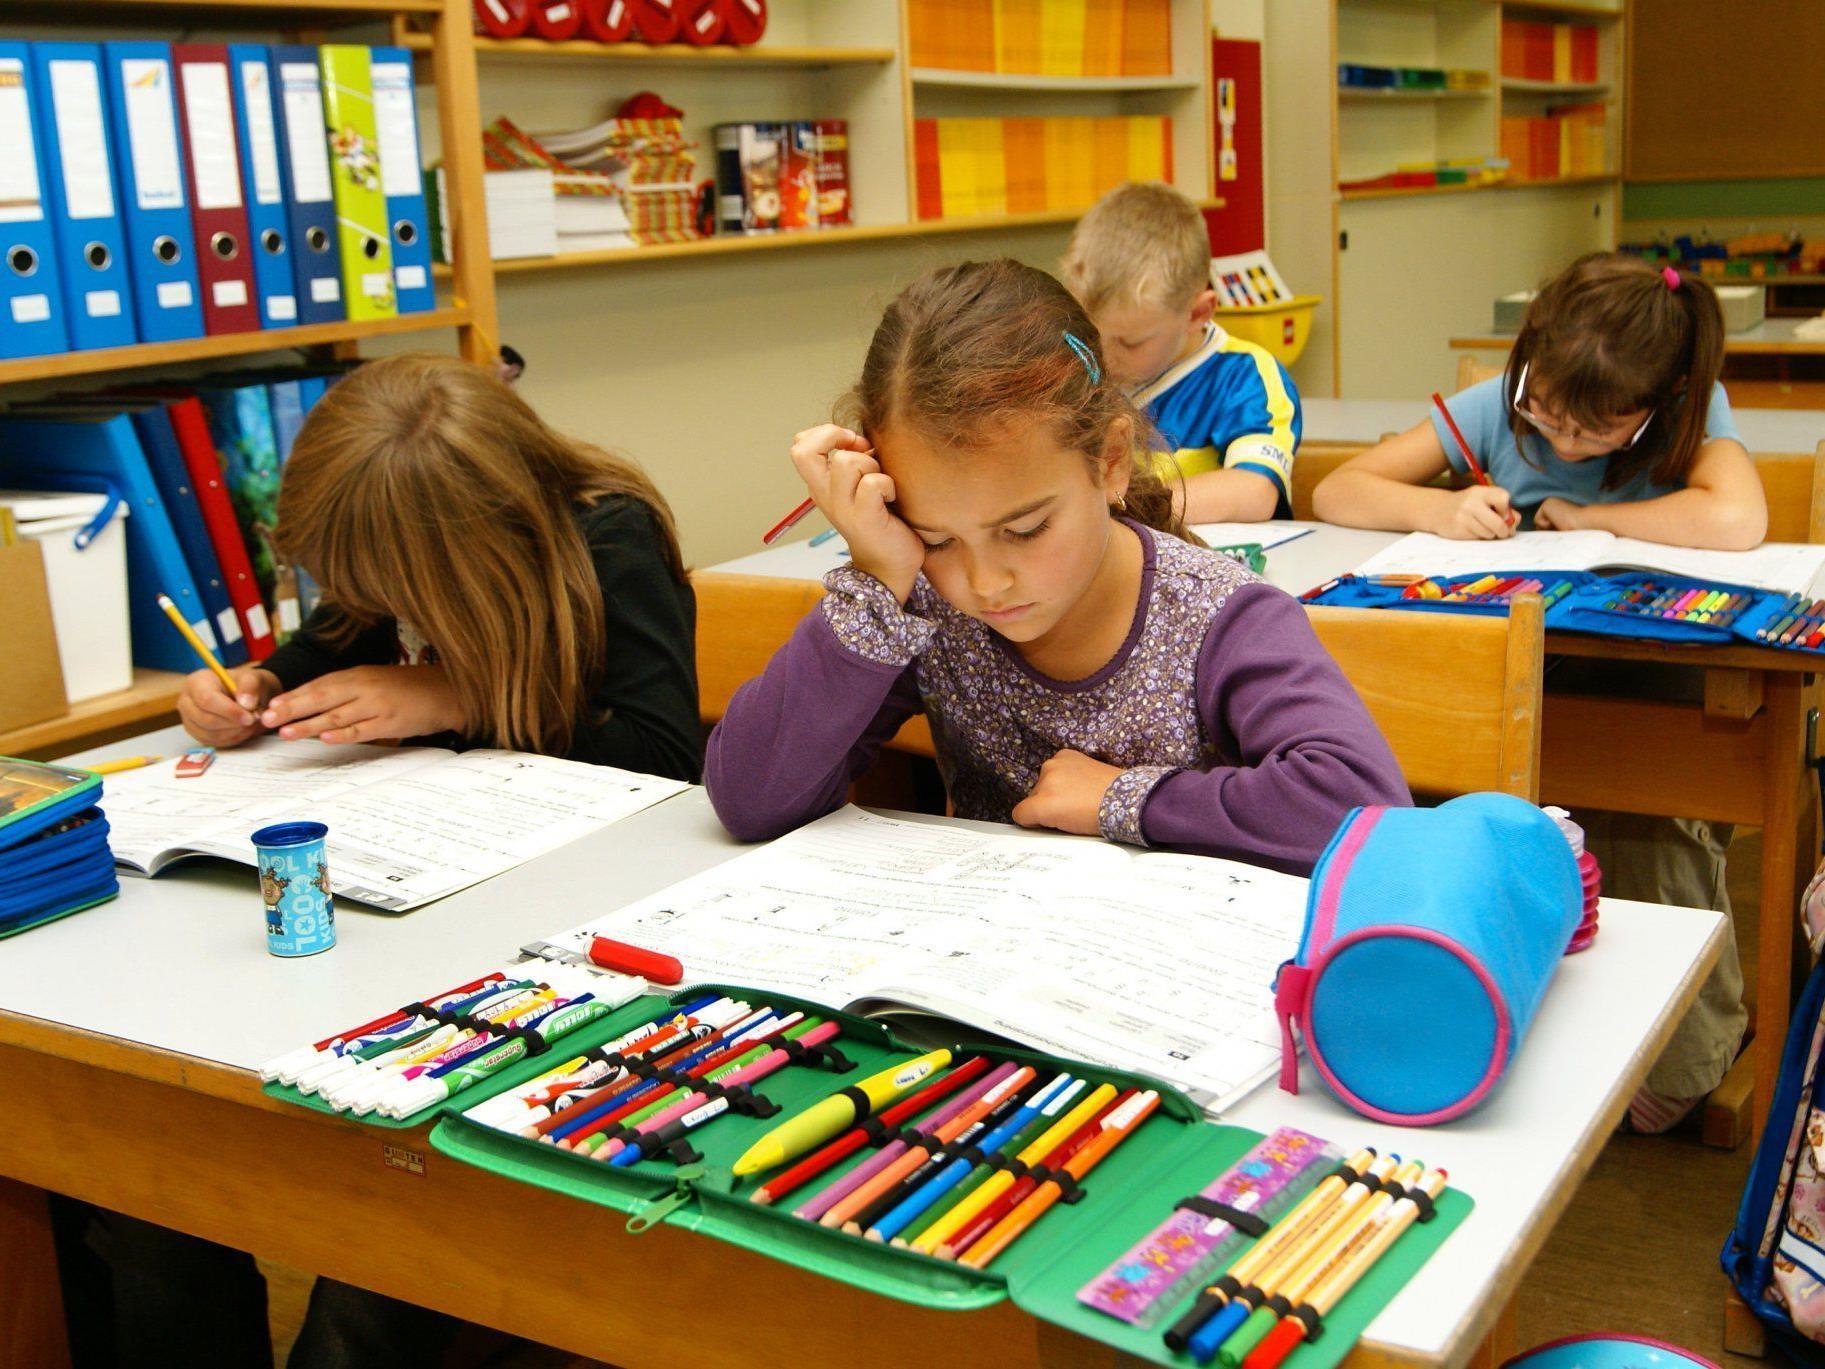 Wie gut können Wiens Schüler lesen? Beim Lesetest wird genau das festgestellt